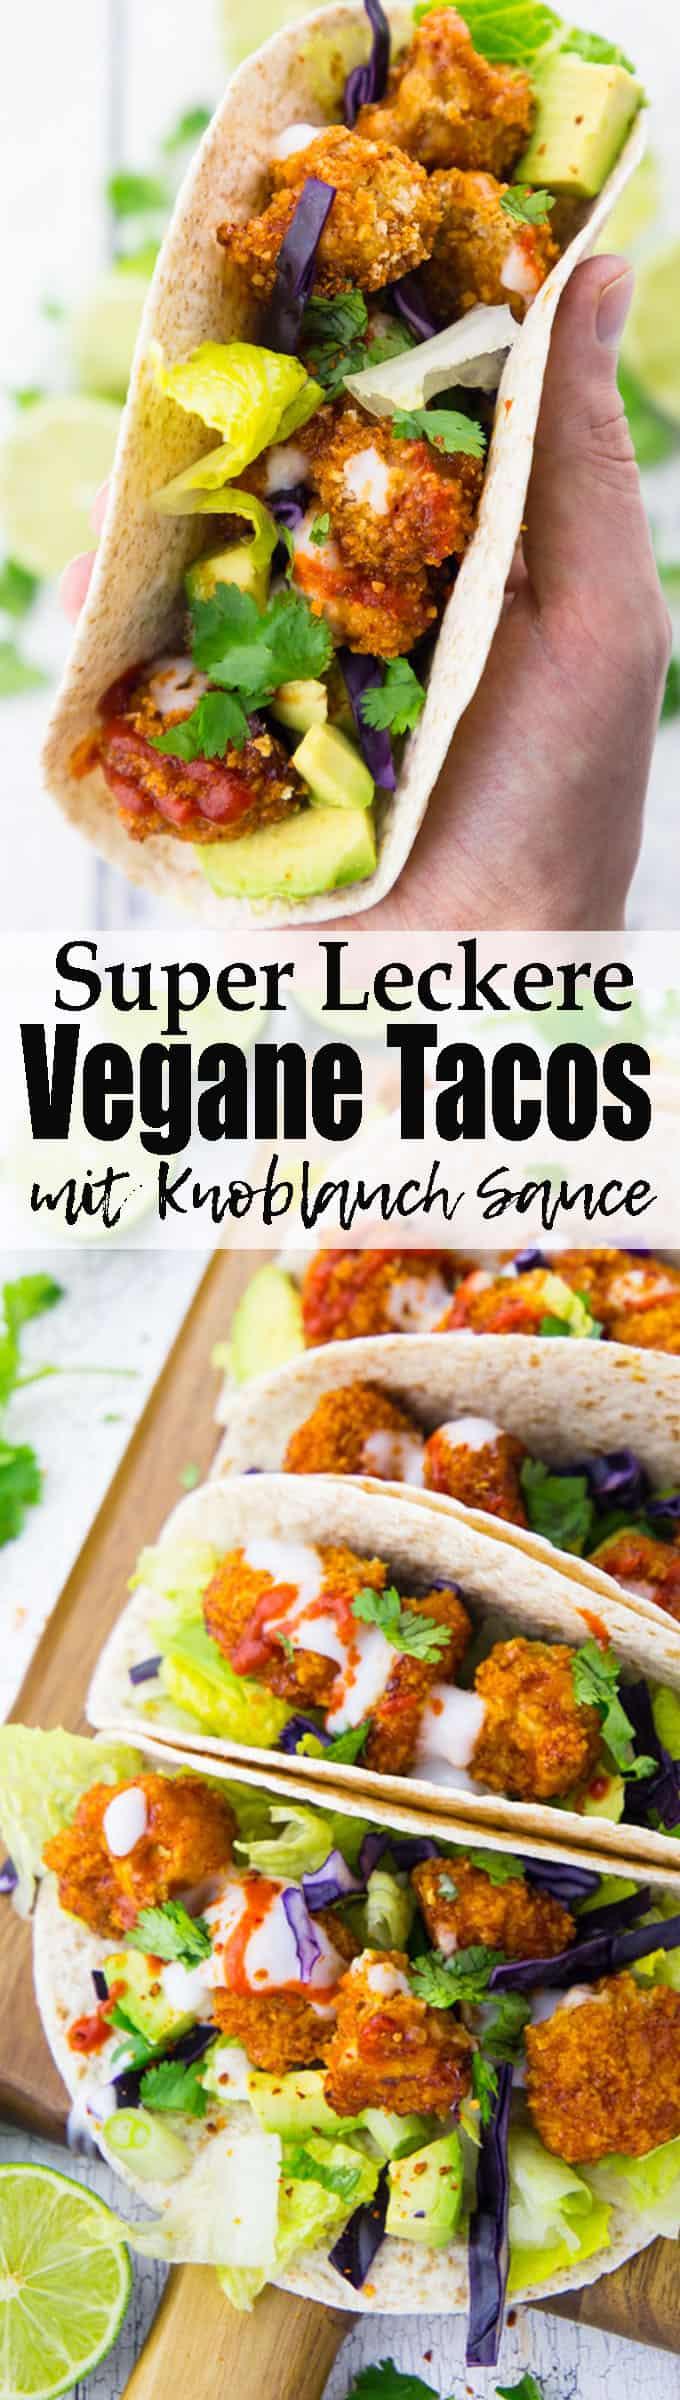 Tacos sind einfach so lecker! Diese vegane Variante mit BBQ Blumenkohl Wings, Avocado und Knoblauchsauce ist einfach das perfekte Abendessen. Knusprig, einfach zuzubereiten und mega lecker!! Mehr vegane Rezepte auf veganheaven.de!